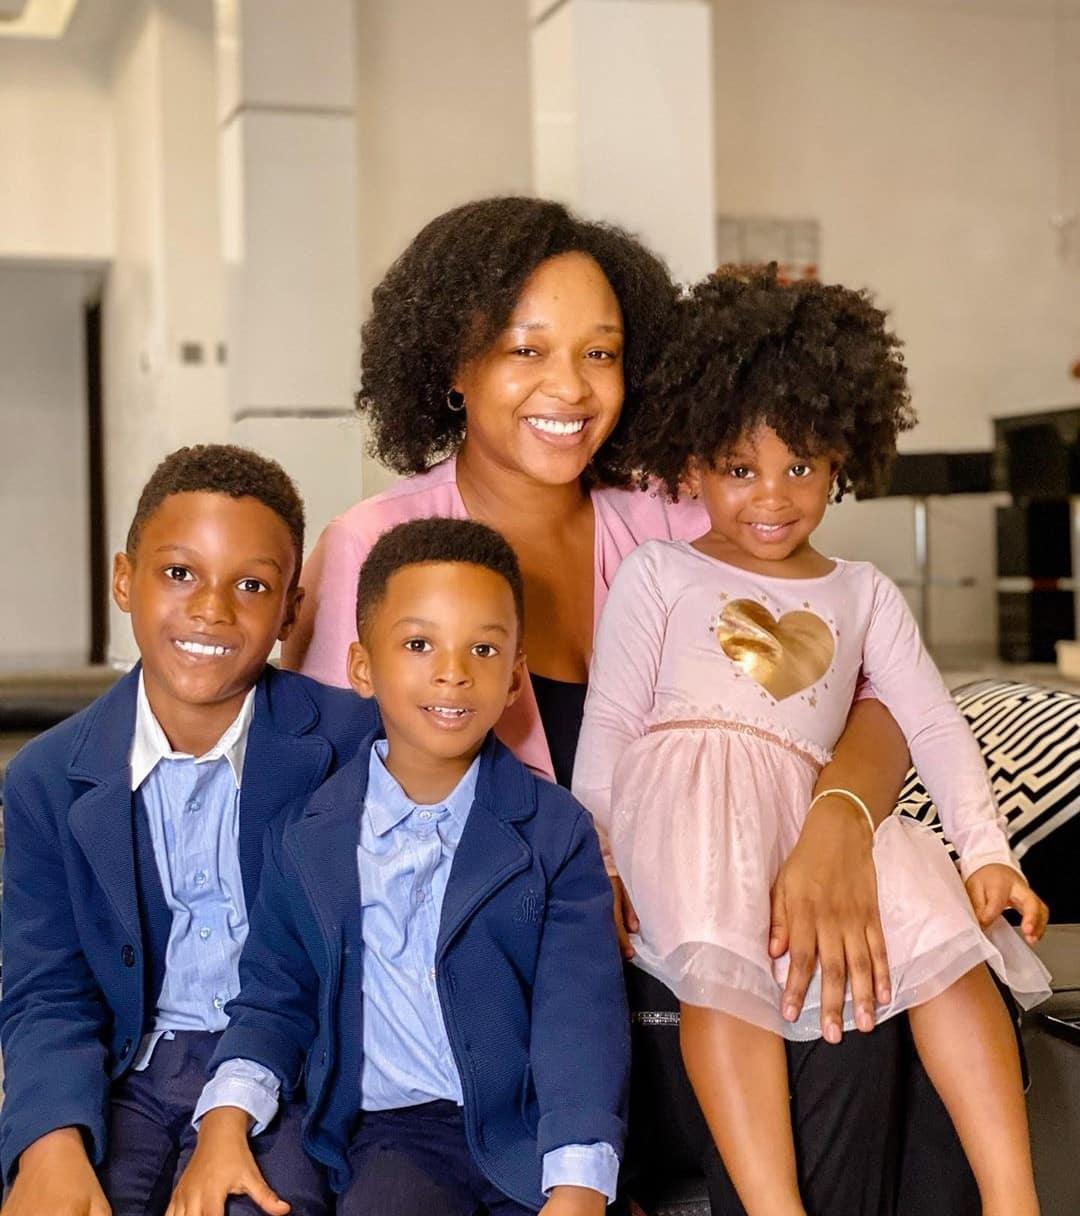 Paul Okoye's wife, Anita Celebrates 'International Family Day' With Her Kids (Photos)